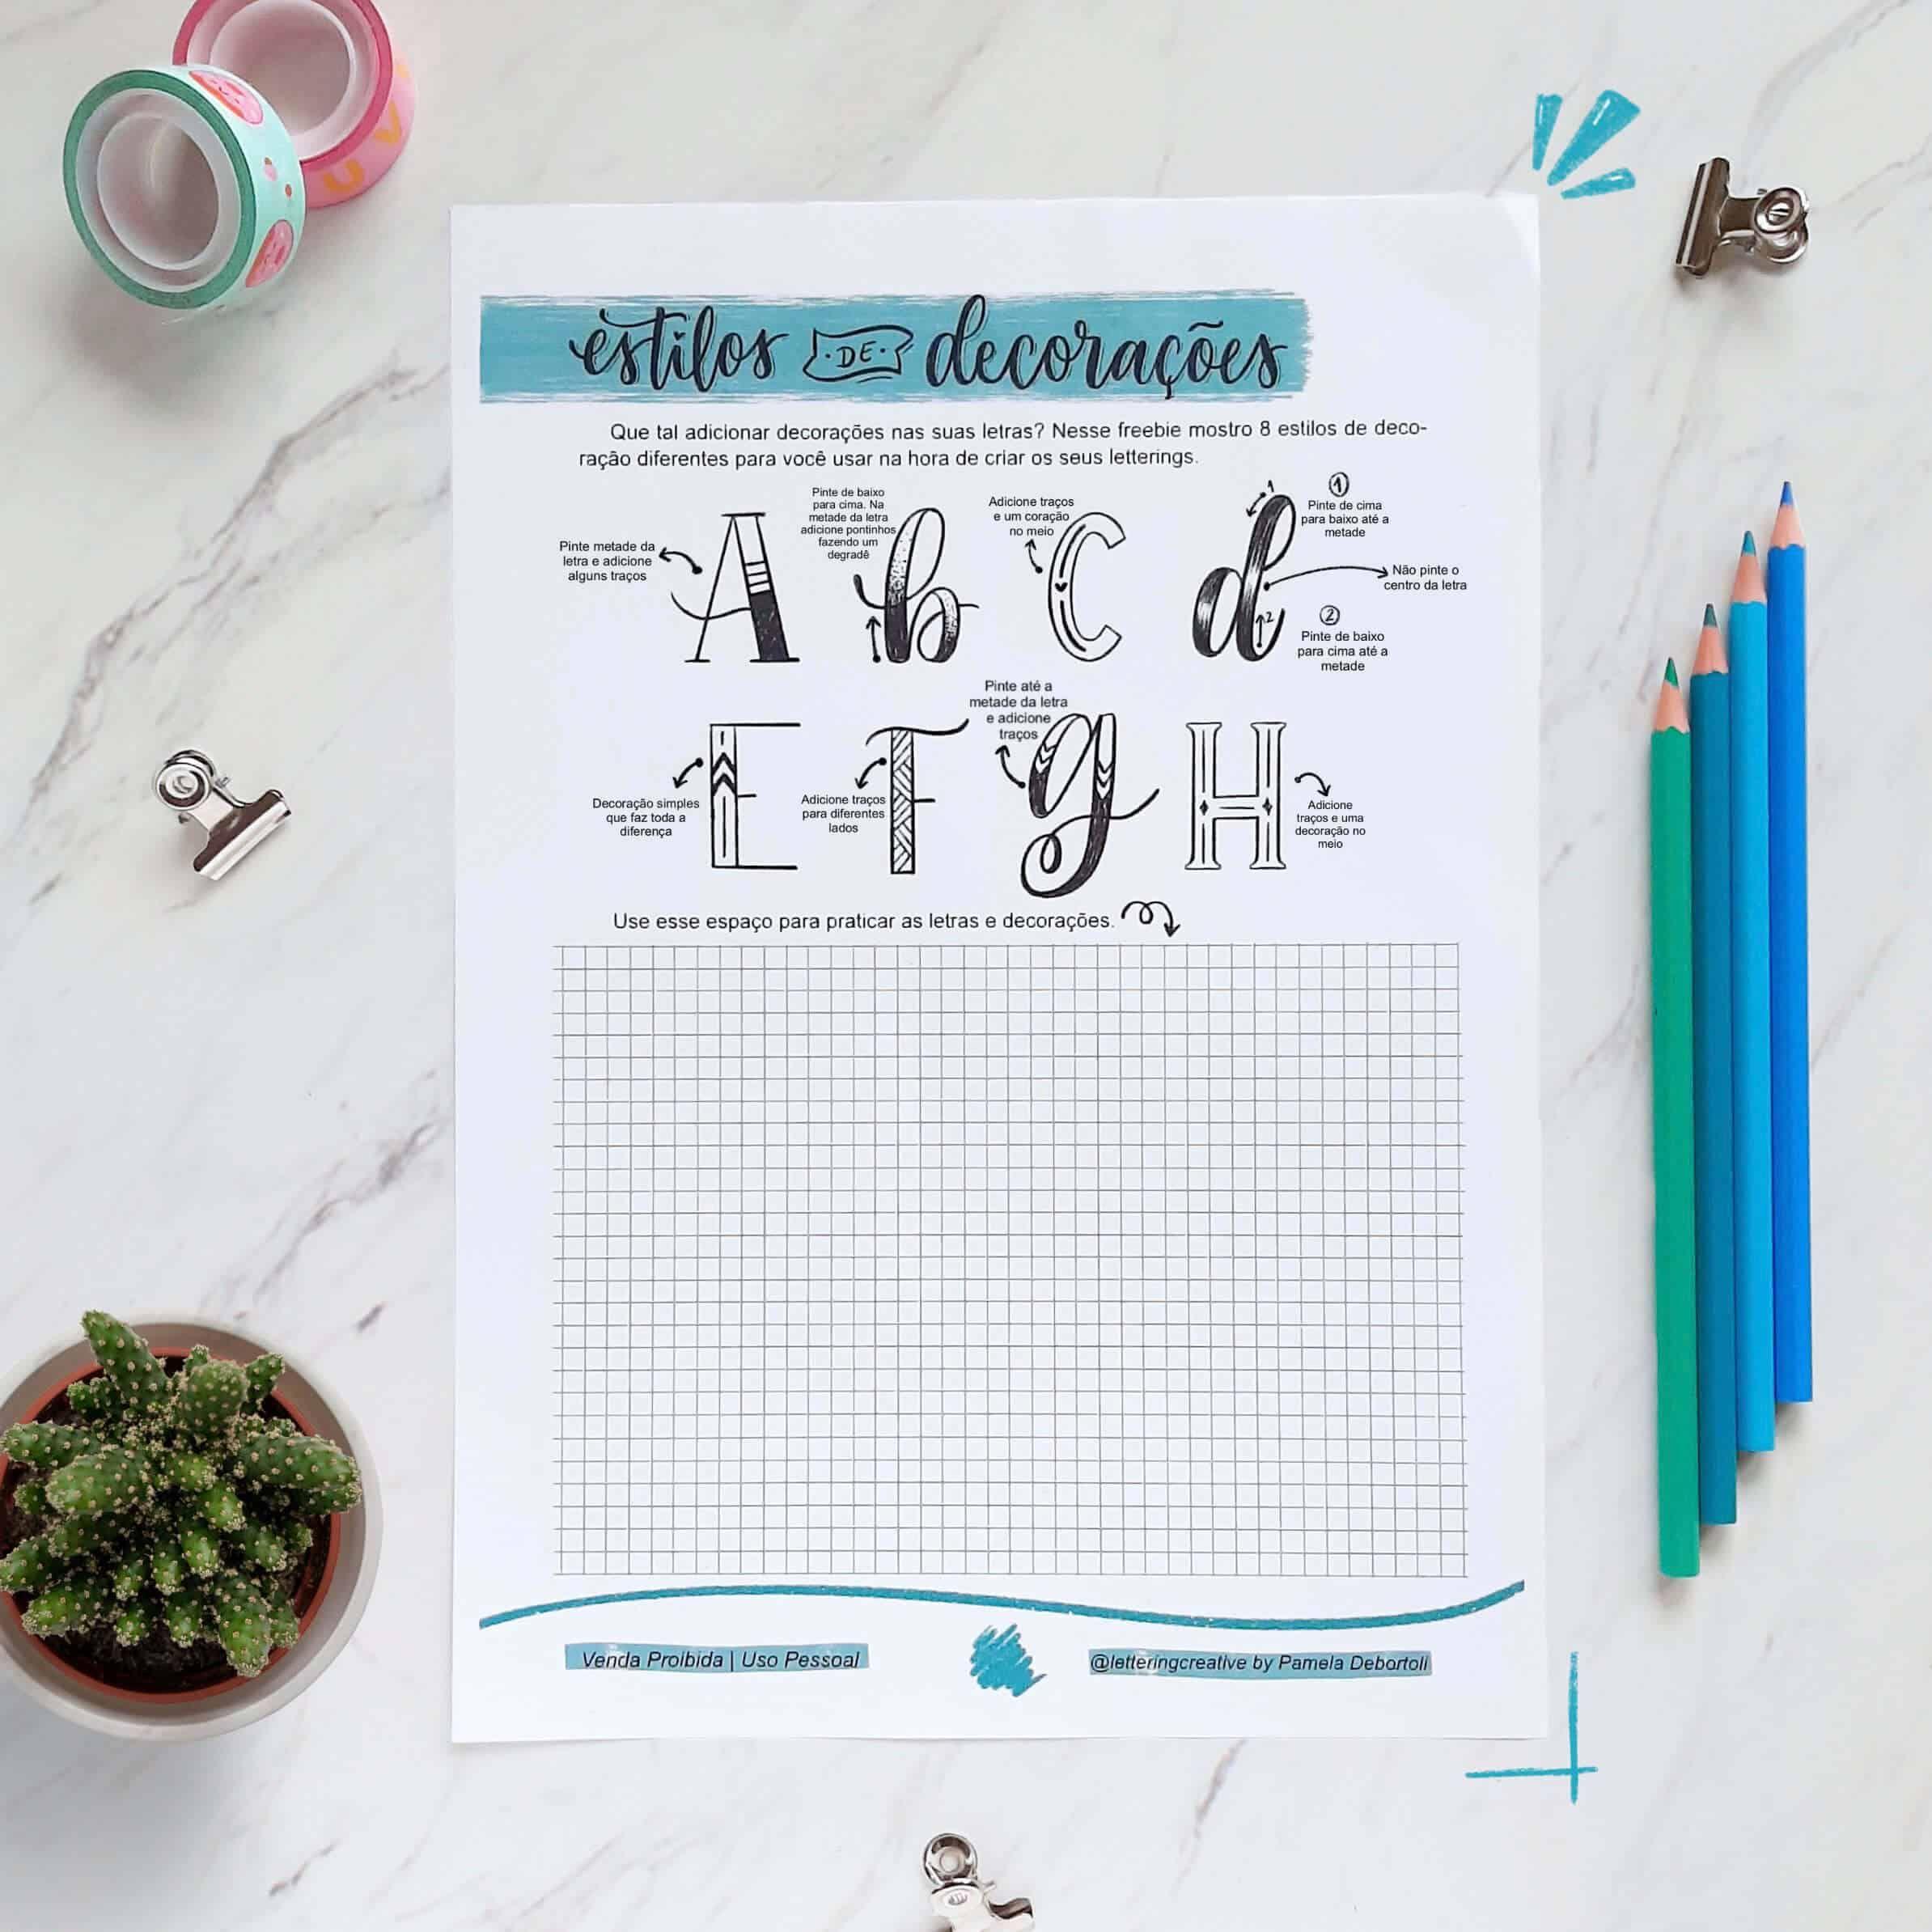 Decorações para suas Letras